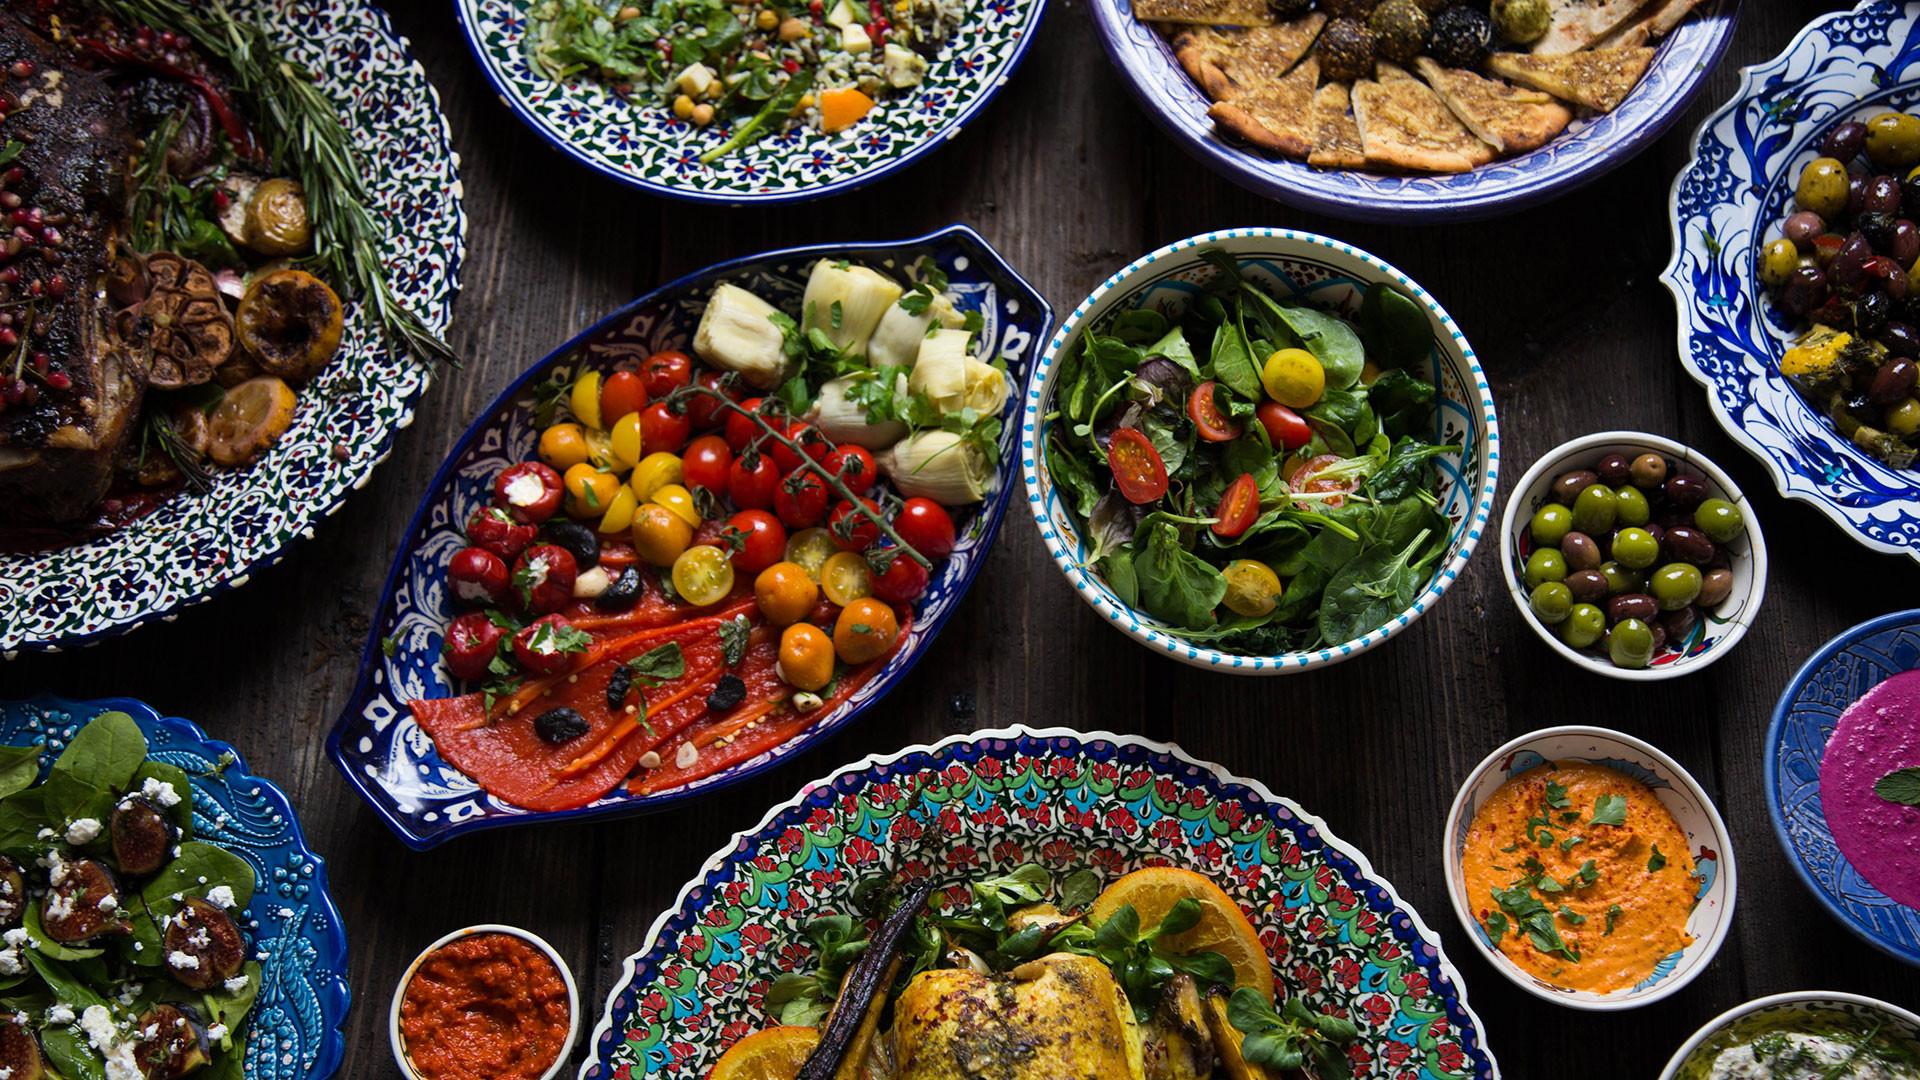 Saima Khan's Mediterranean-inspired cooking